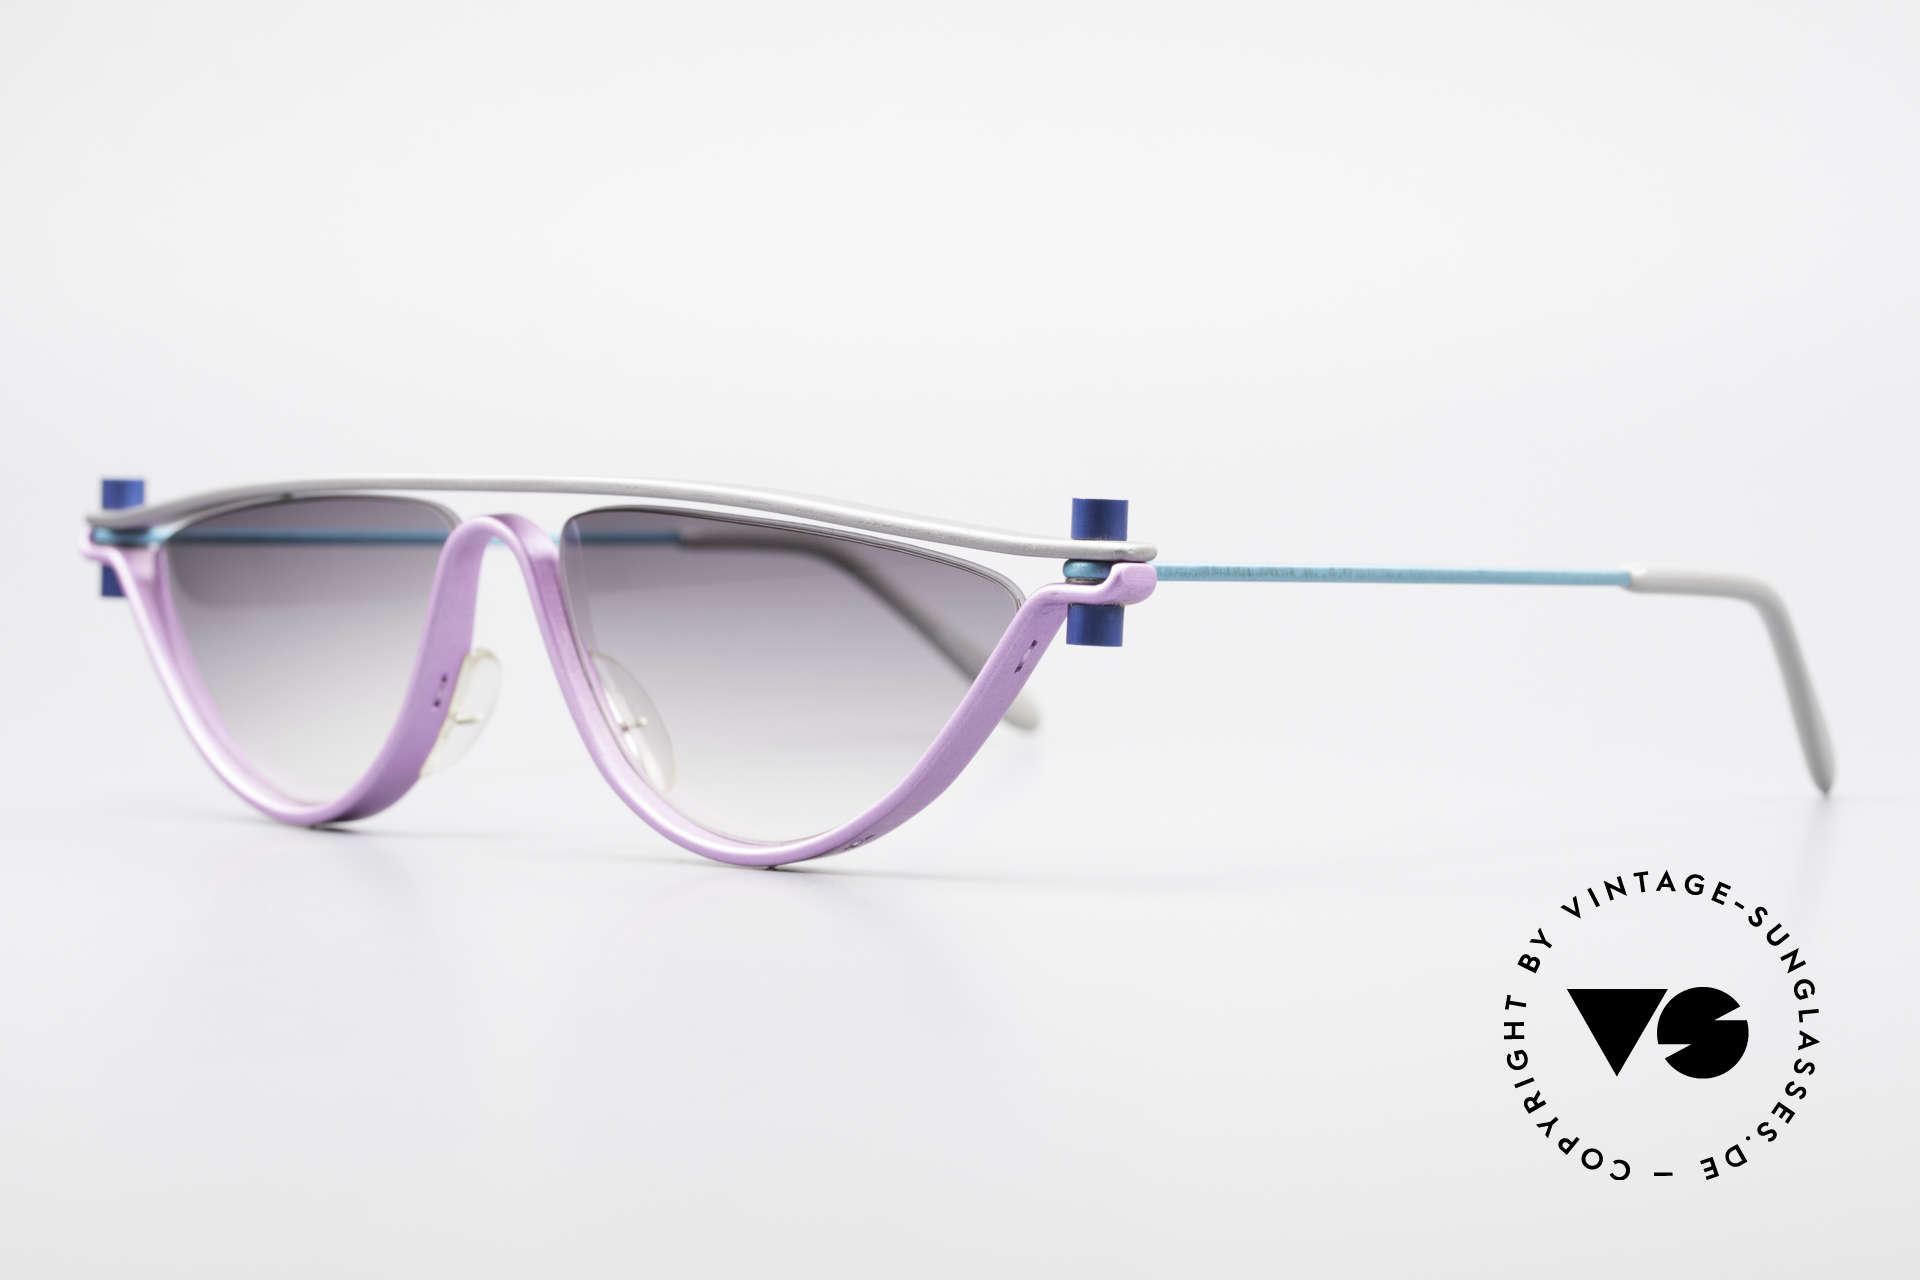 ProDesign No6 90er Vintage Filmsonnenbrille, der Nachfolger der berühmten N°ONE FILMBRILLE, Passend für Damen